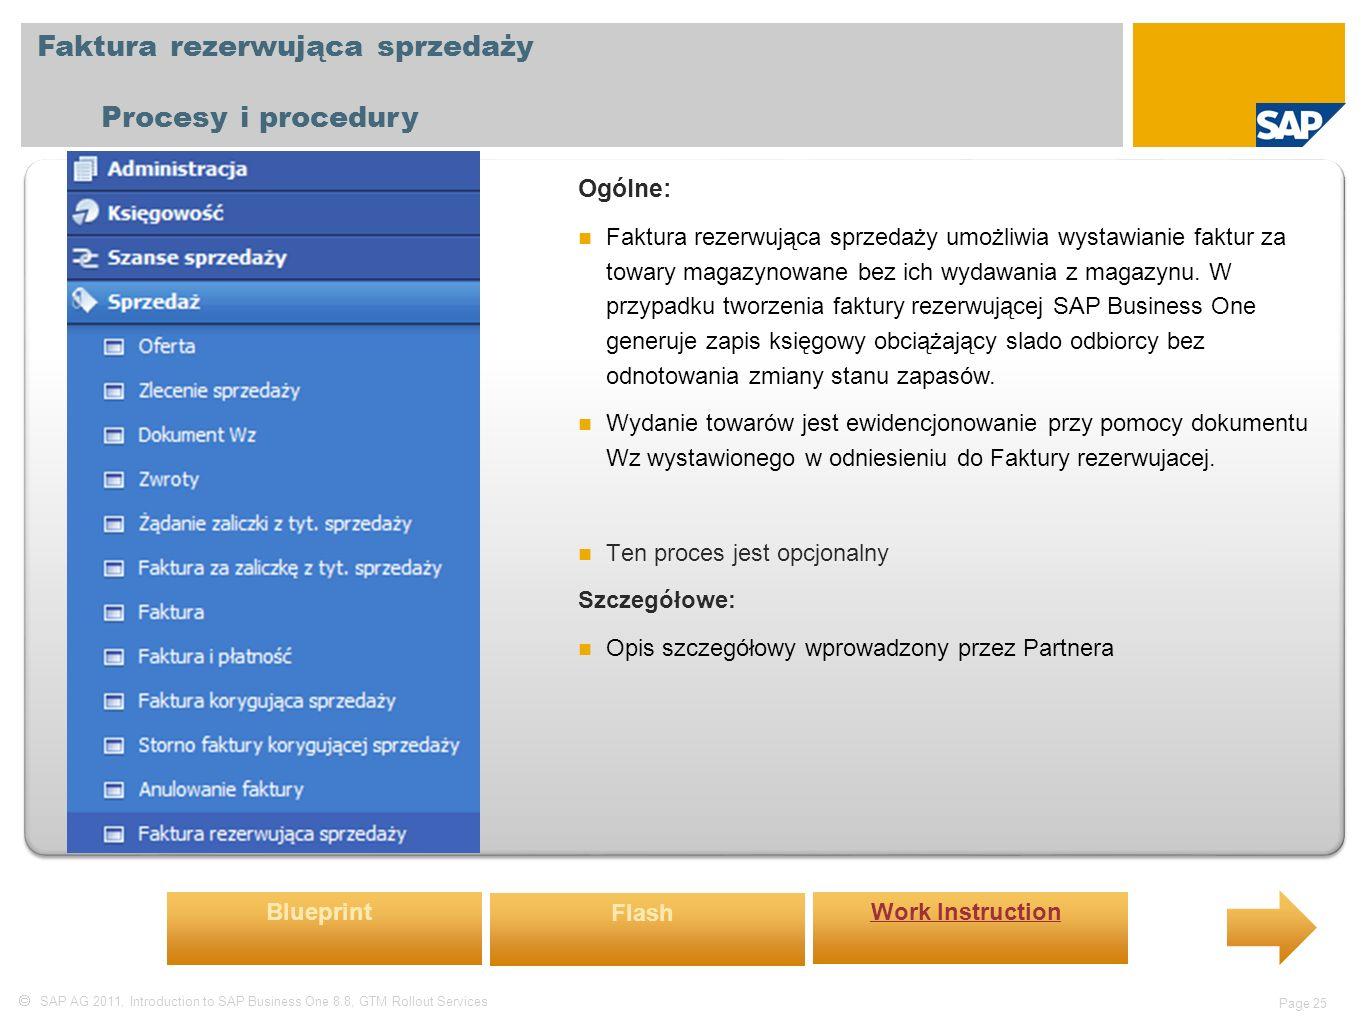  SAP AG 2011, Introduction to SAP Business One 8.8, GTM Rollout Services Page 25 Faktura rezerwująca sprzedaży Procesy i procedury Ogólne: Faktura re